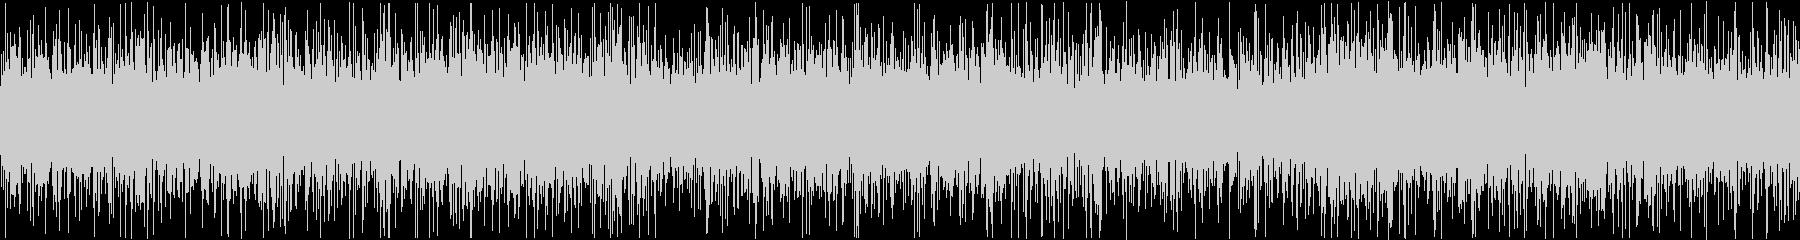 ザァー(AMラジオのノイズC)ループ処理の未再生の波形